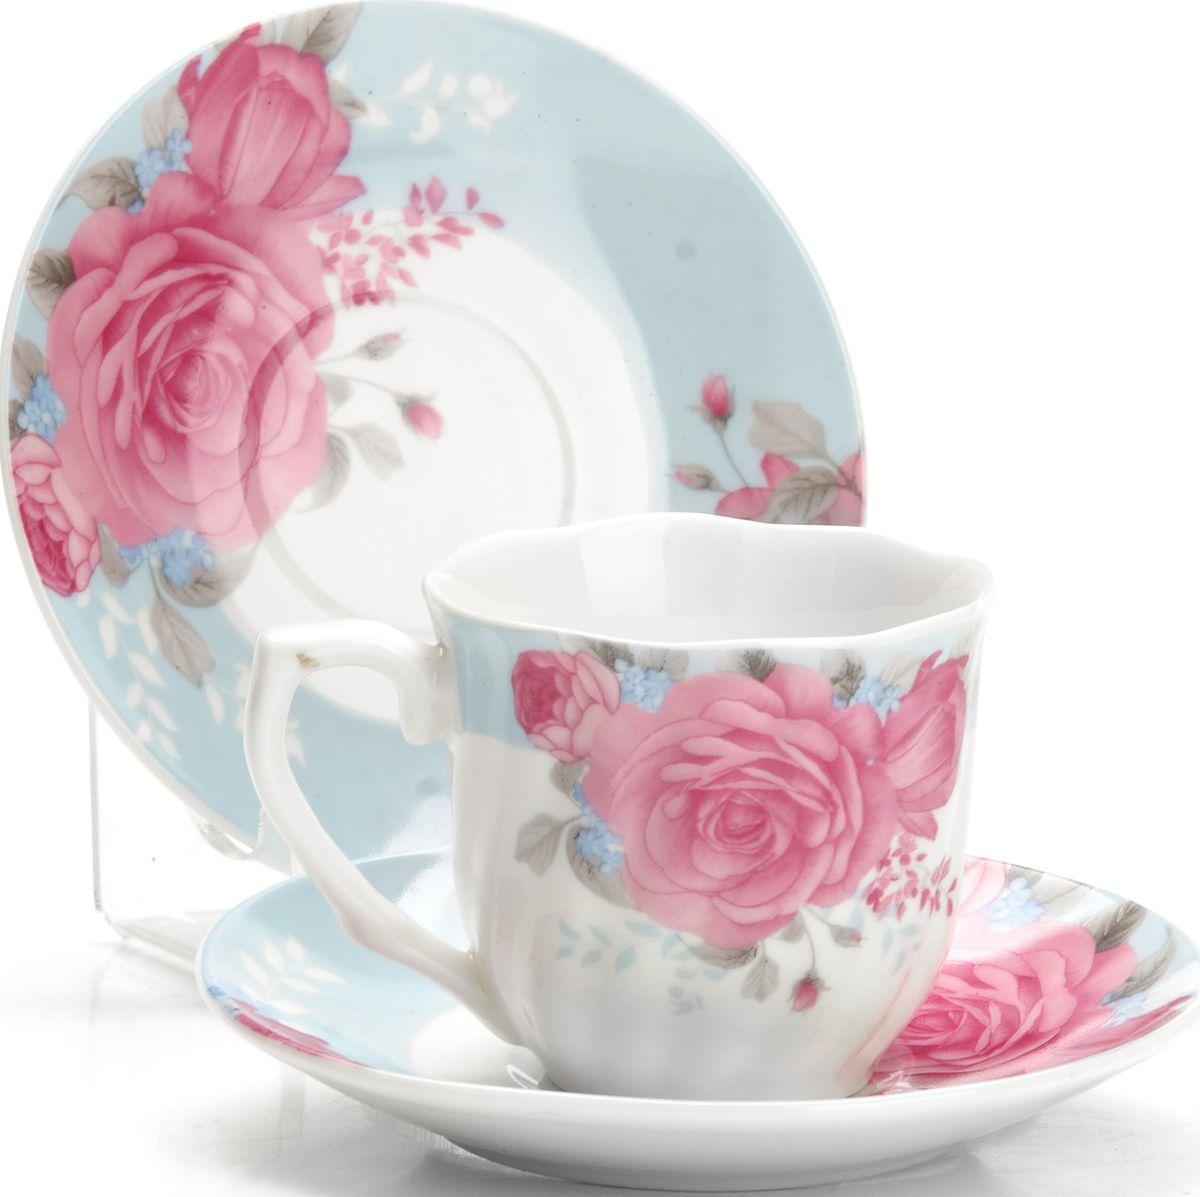 Набор кофейный Loraine, 12 предметов. 43330115010Кофейный сервиз на 6 персон изготовлен из качественного фарфора и оформлен красивым цветочным рисунком. Элегантный и удобный кофейный сервиз не только украсит сервировку стола, но и поднимет настроение и превратит процесс чаепития в одно удовольствие.Сервиз состоит из 12 предметов: шести чашек и шести блюдец, упакованных в подарочную коробку. Чашки имеют удобную, изящную ручку. Изделия легко и просто мыть. Кофейный сервиз прекрасно подойдет в качестве подарка для родных и друзей на любой праздник!Диаметр чашки: 6 см.Высота чашки: 5,5 см.Объем чашки: 80 мл.Диаметр блюдца: 11 см.